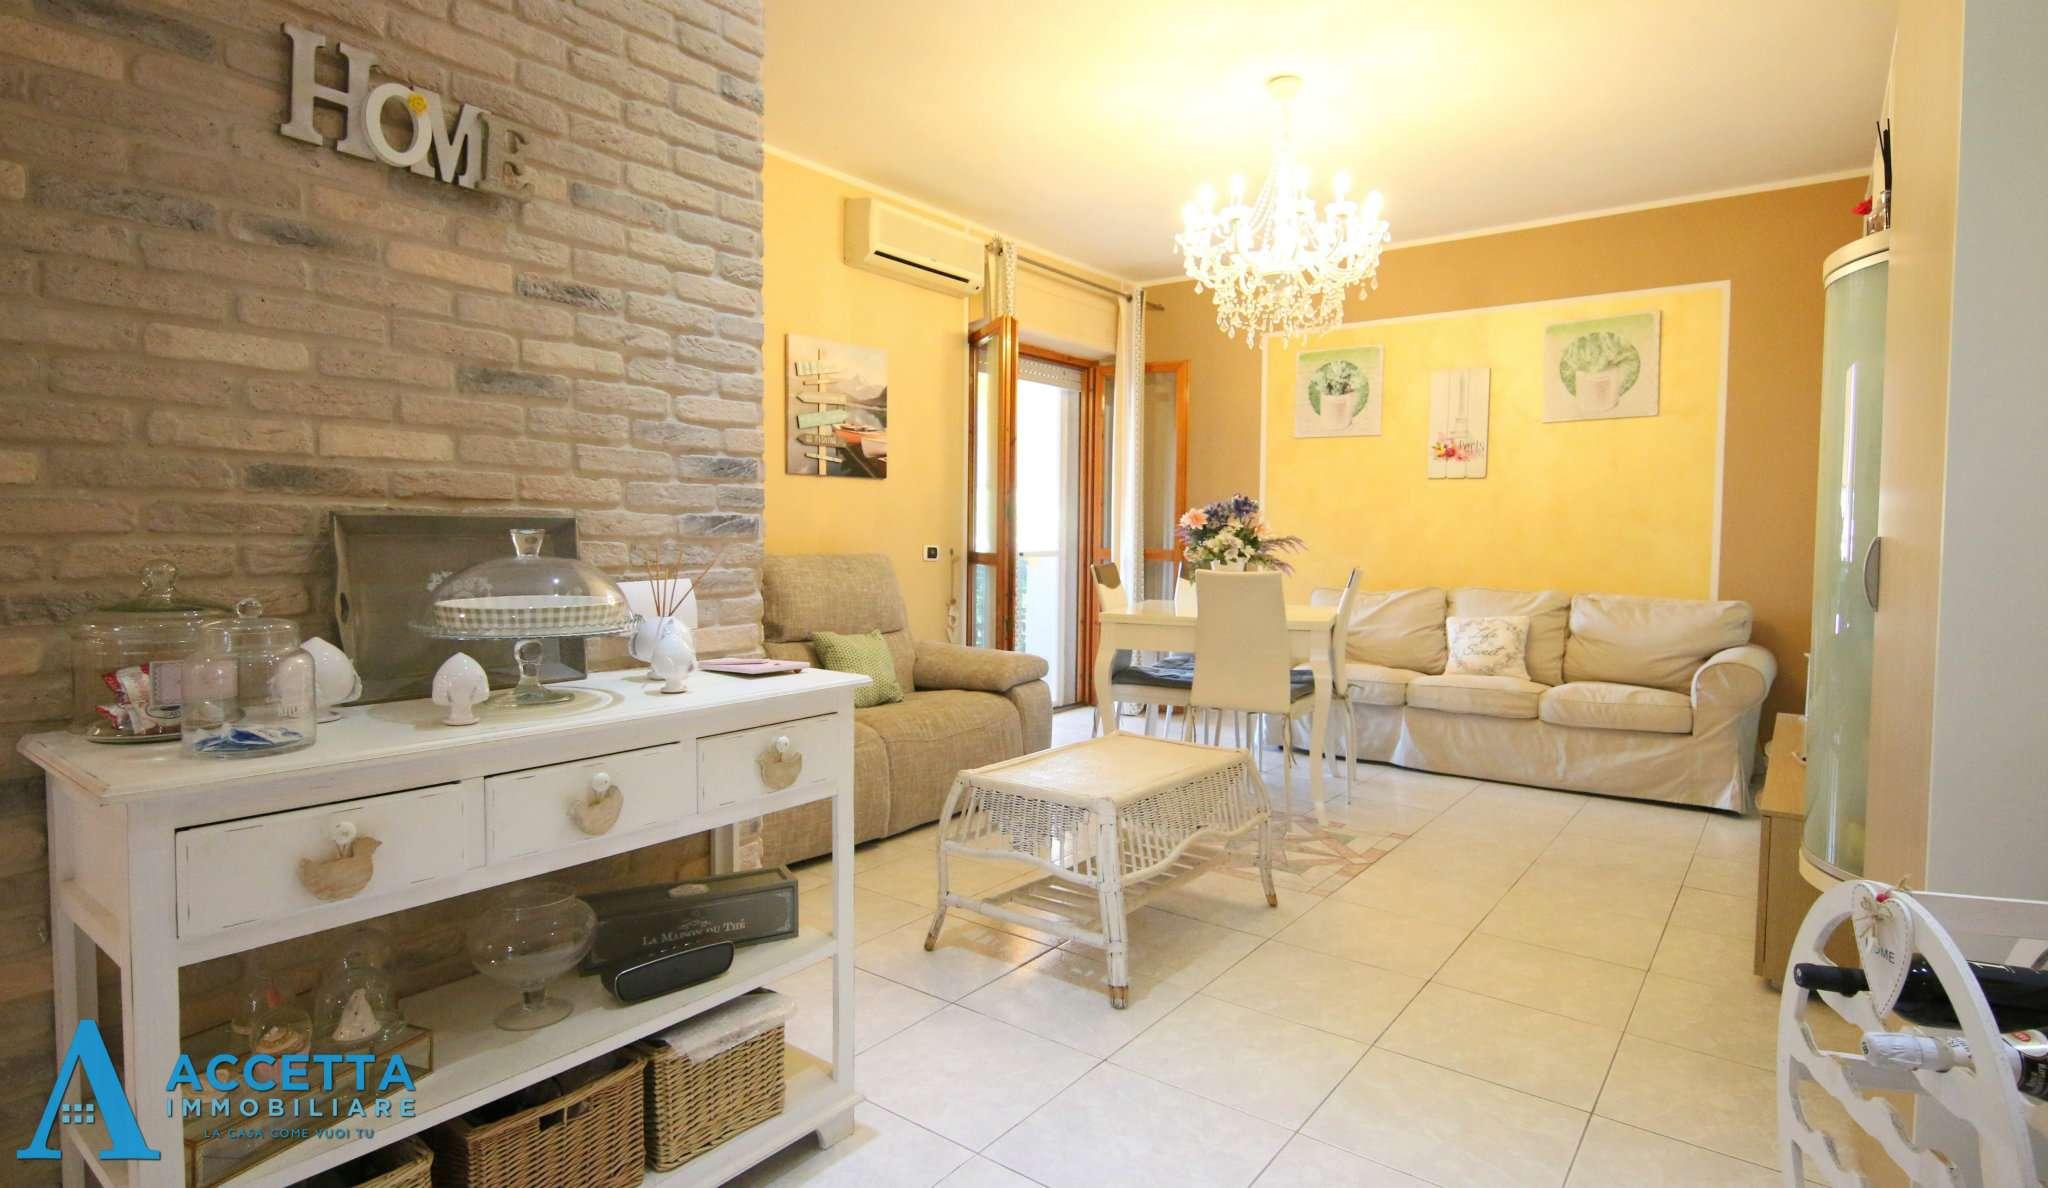 Appartamento in vendita a Taranto, 4 locali, prezzo € 105.000 | PortaleAgenzieImmobiliari.it